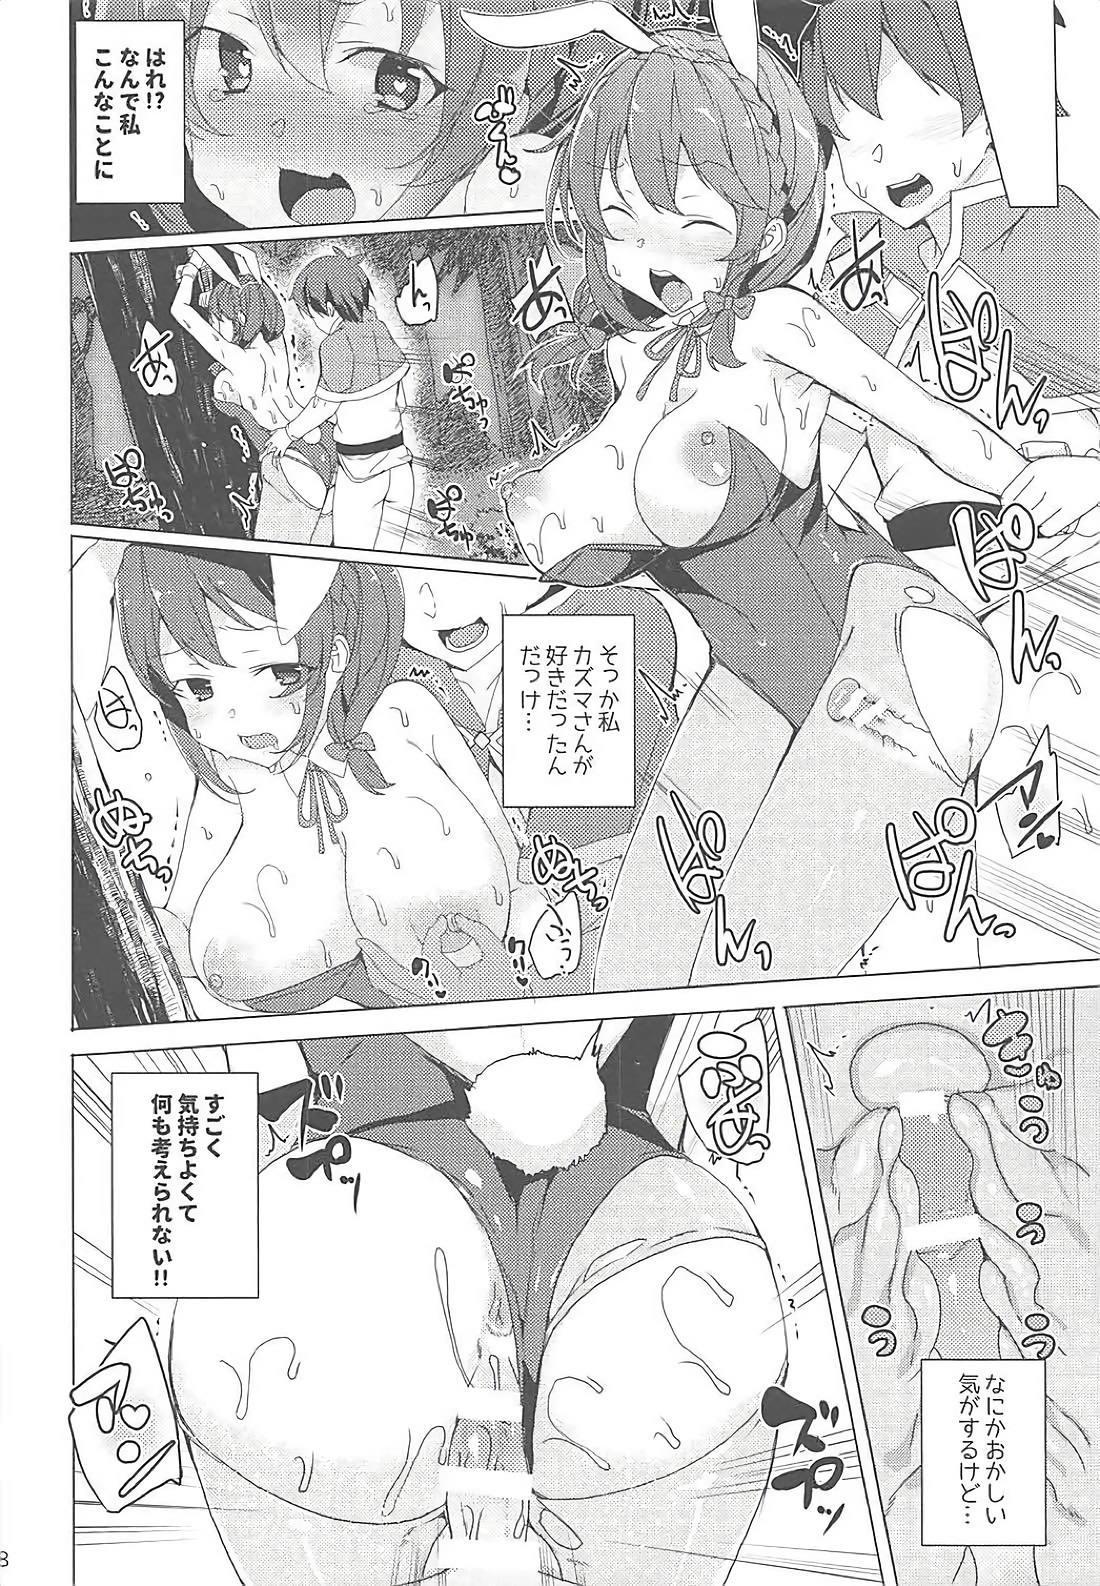 Kouma no Musume wa Tsukiyo ni Hoeru 5